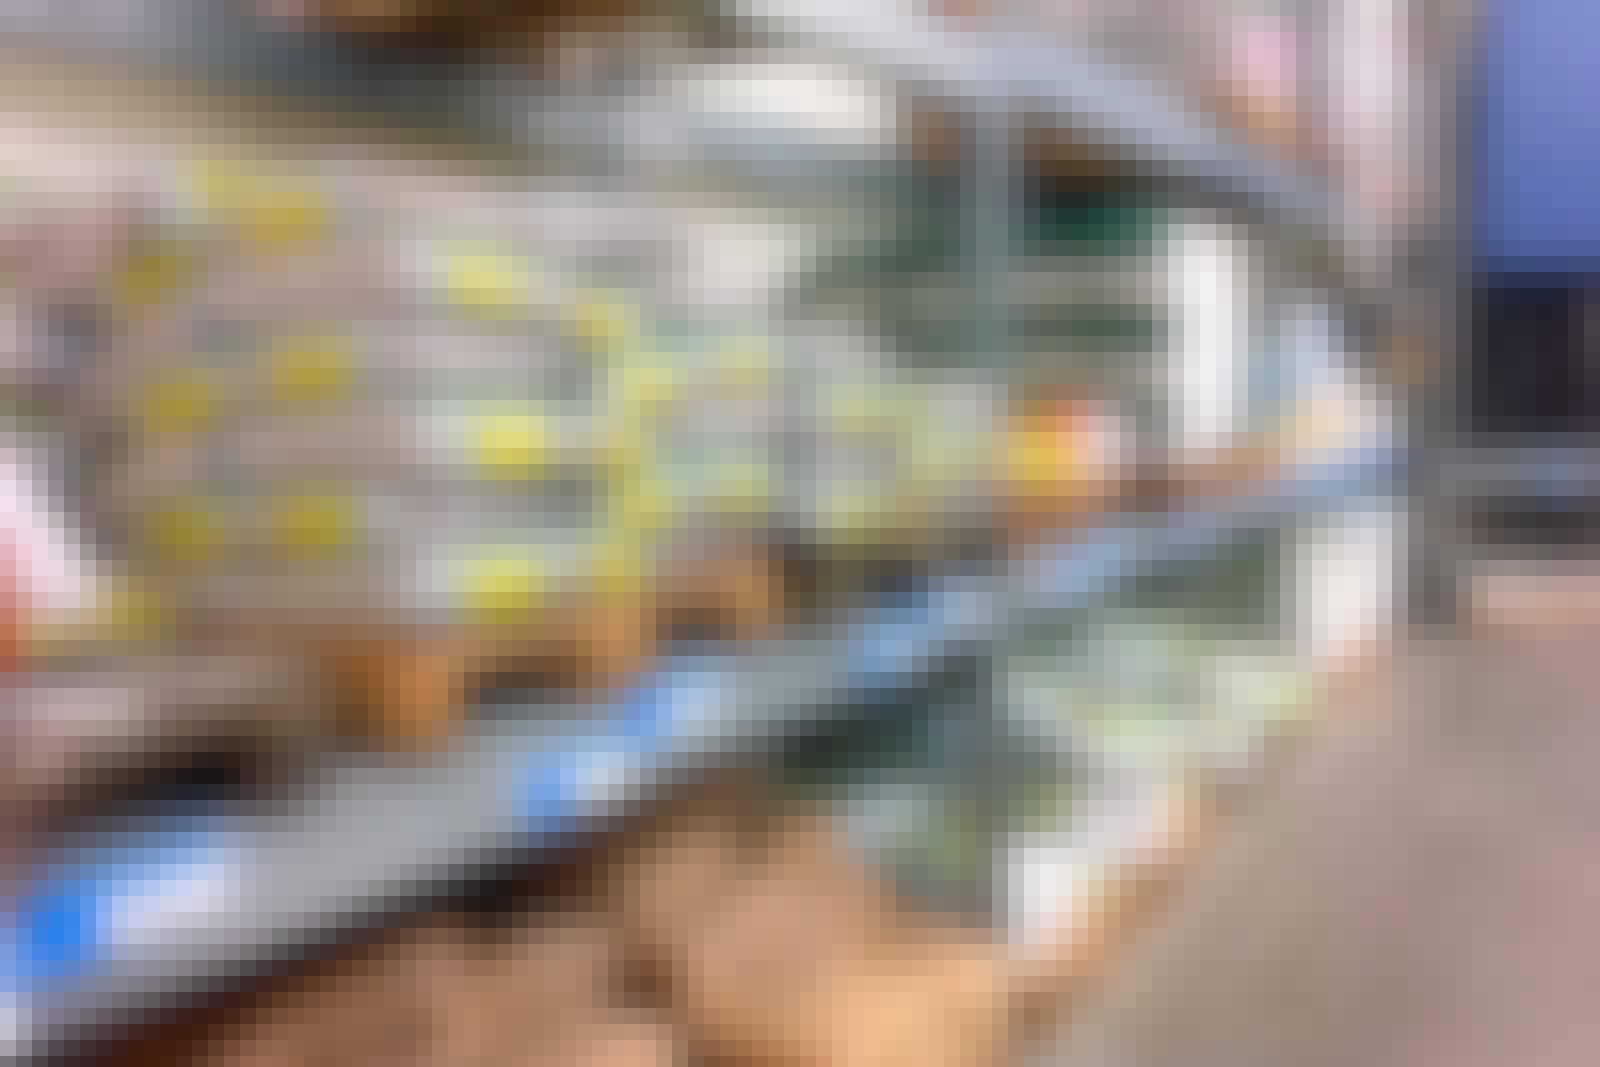 Valmis rappauslaasti: Rautakauppojen hyllyt ovat täynnä valmiita rappauslaasteja. Laasteja voi käyttää sekä ulkona että sisällä.